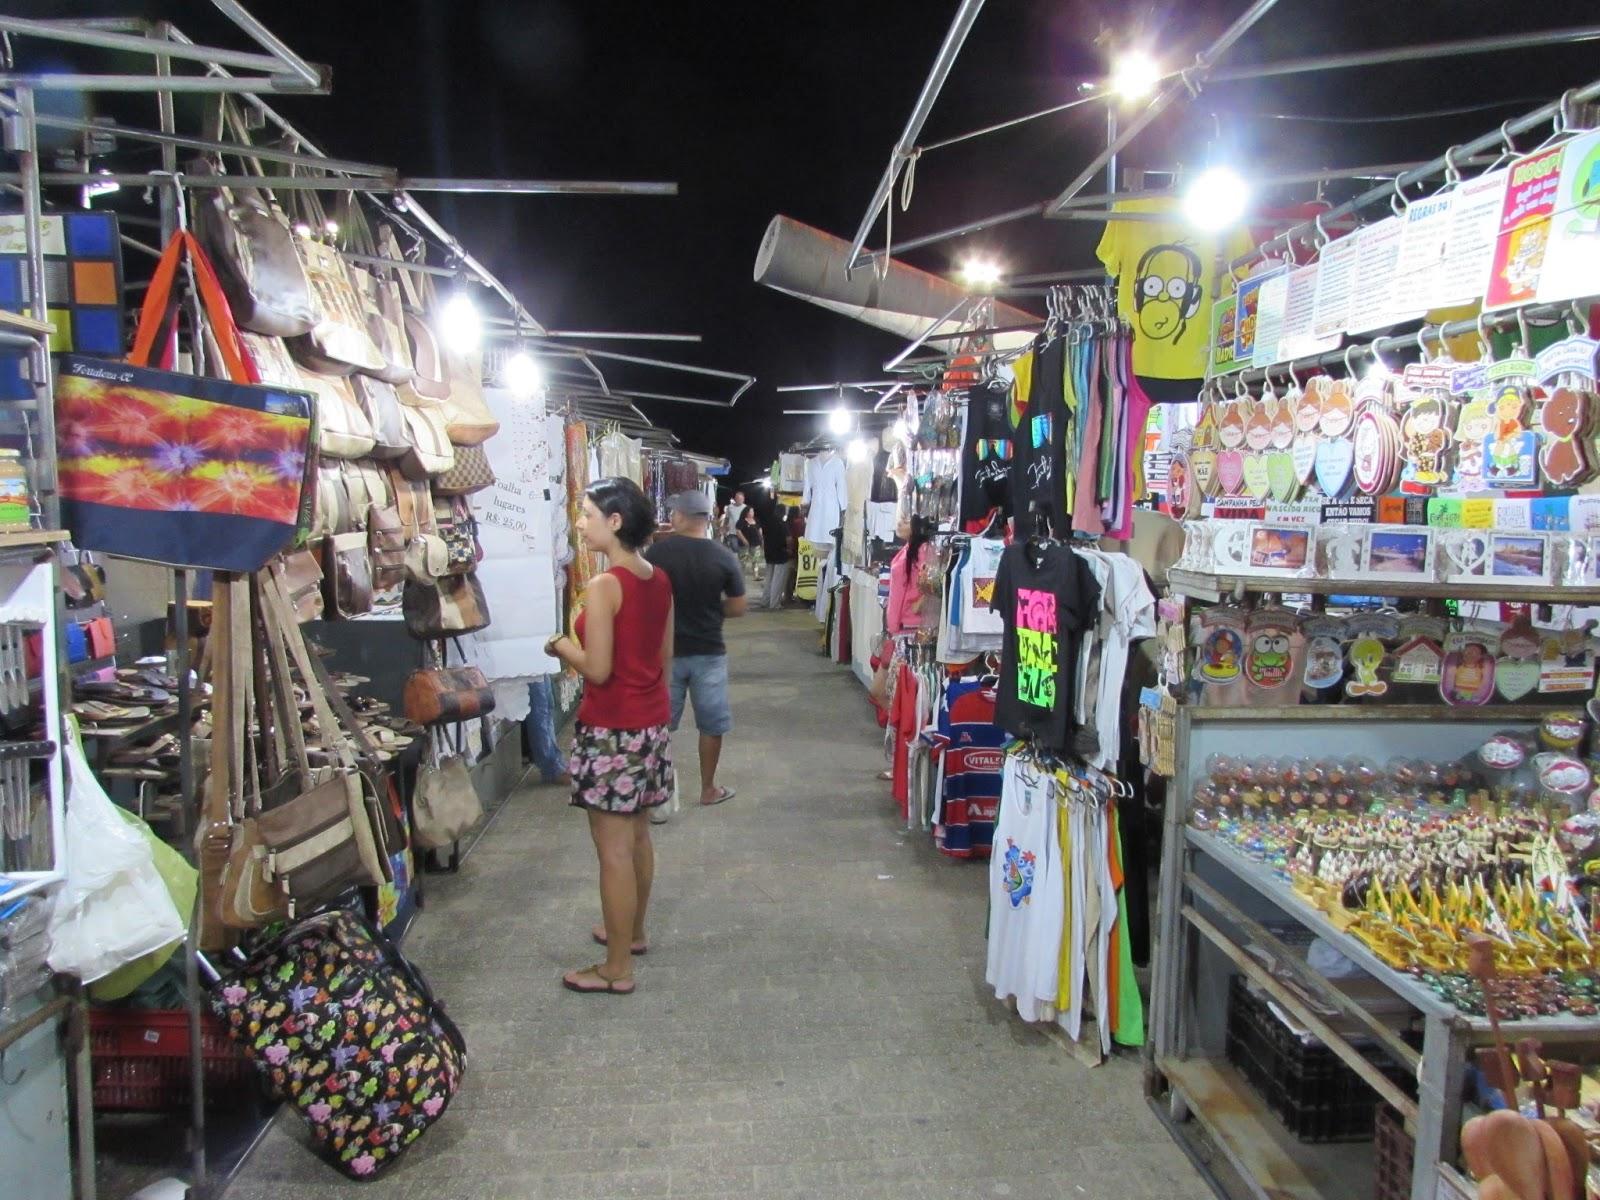 Aparador De Aliança Prata ~ Tem que ir Feiras, compras e artesanatos em Fortaleza Listamos os melhores lugares!